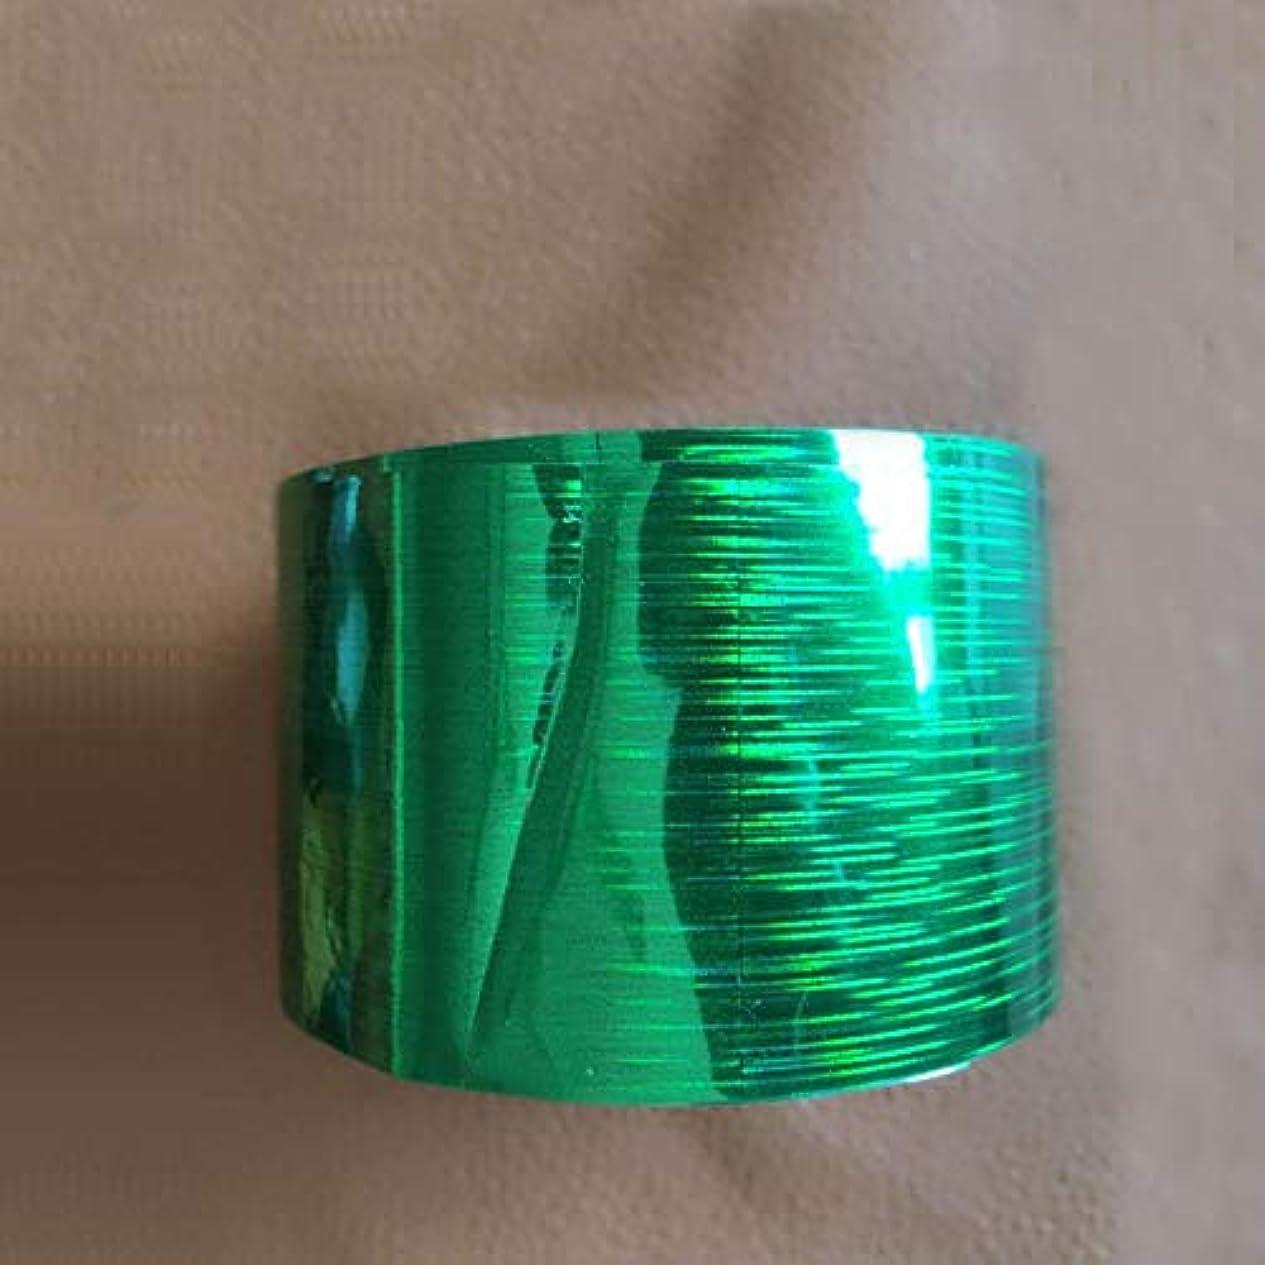 慣習触覚版SUKTI&XIAO ネイルステッカー 1ロール120M * 4CmホログラフィックネイルフォイルレインボートランスファーフォイルステッカーフィンガーラップネイルアートDiy接着剤マニキュア美容デカール、グリーン